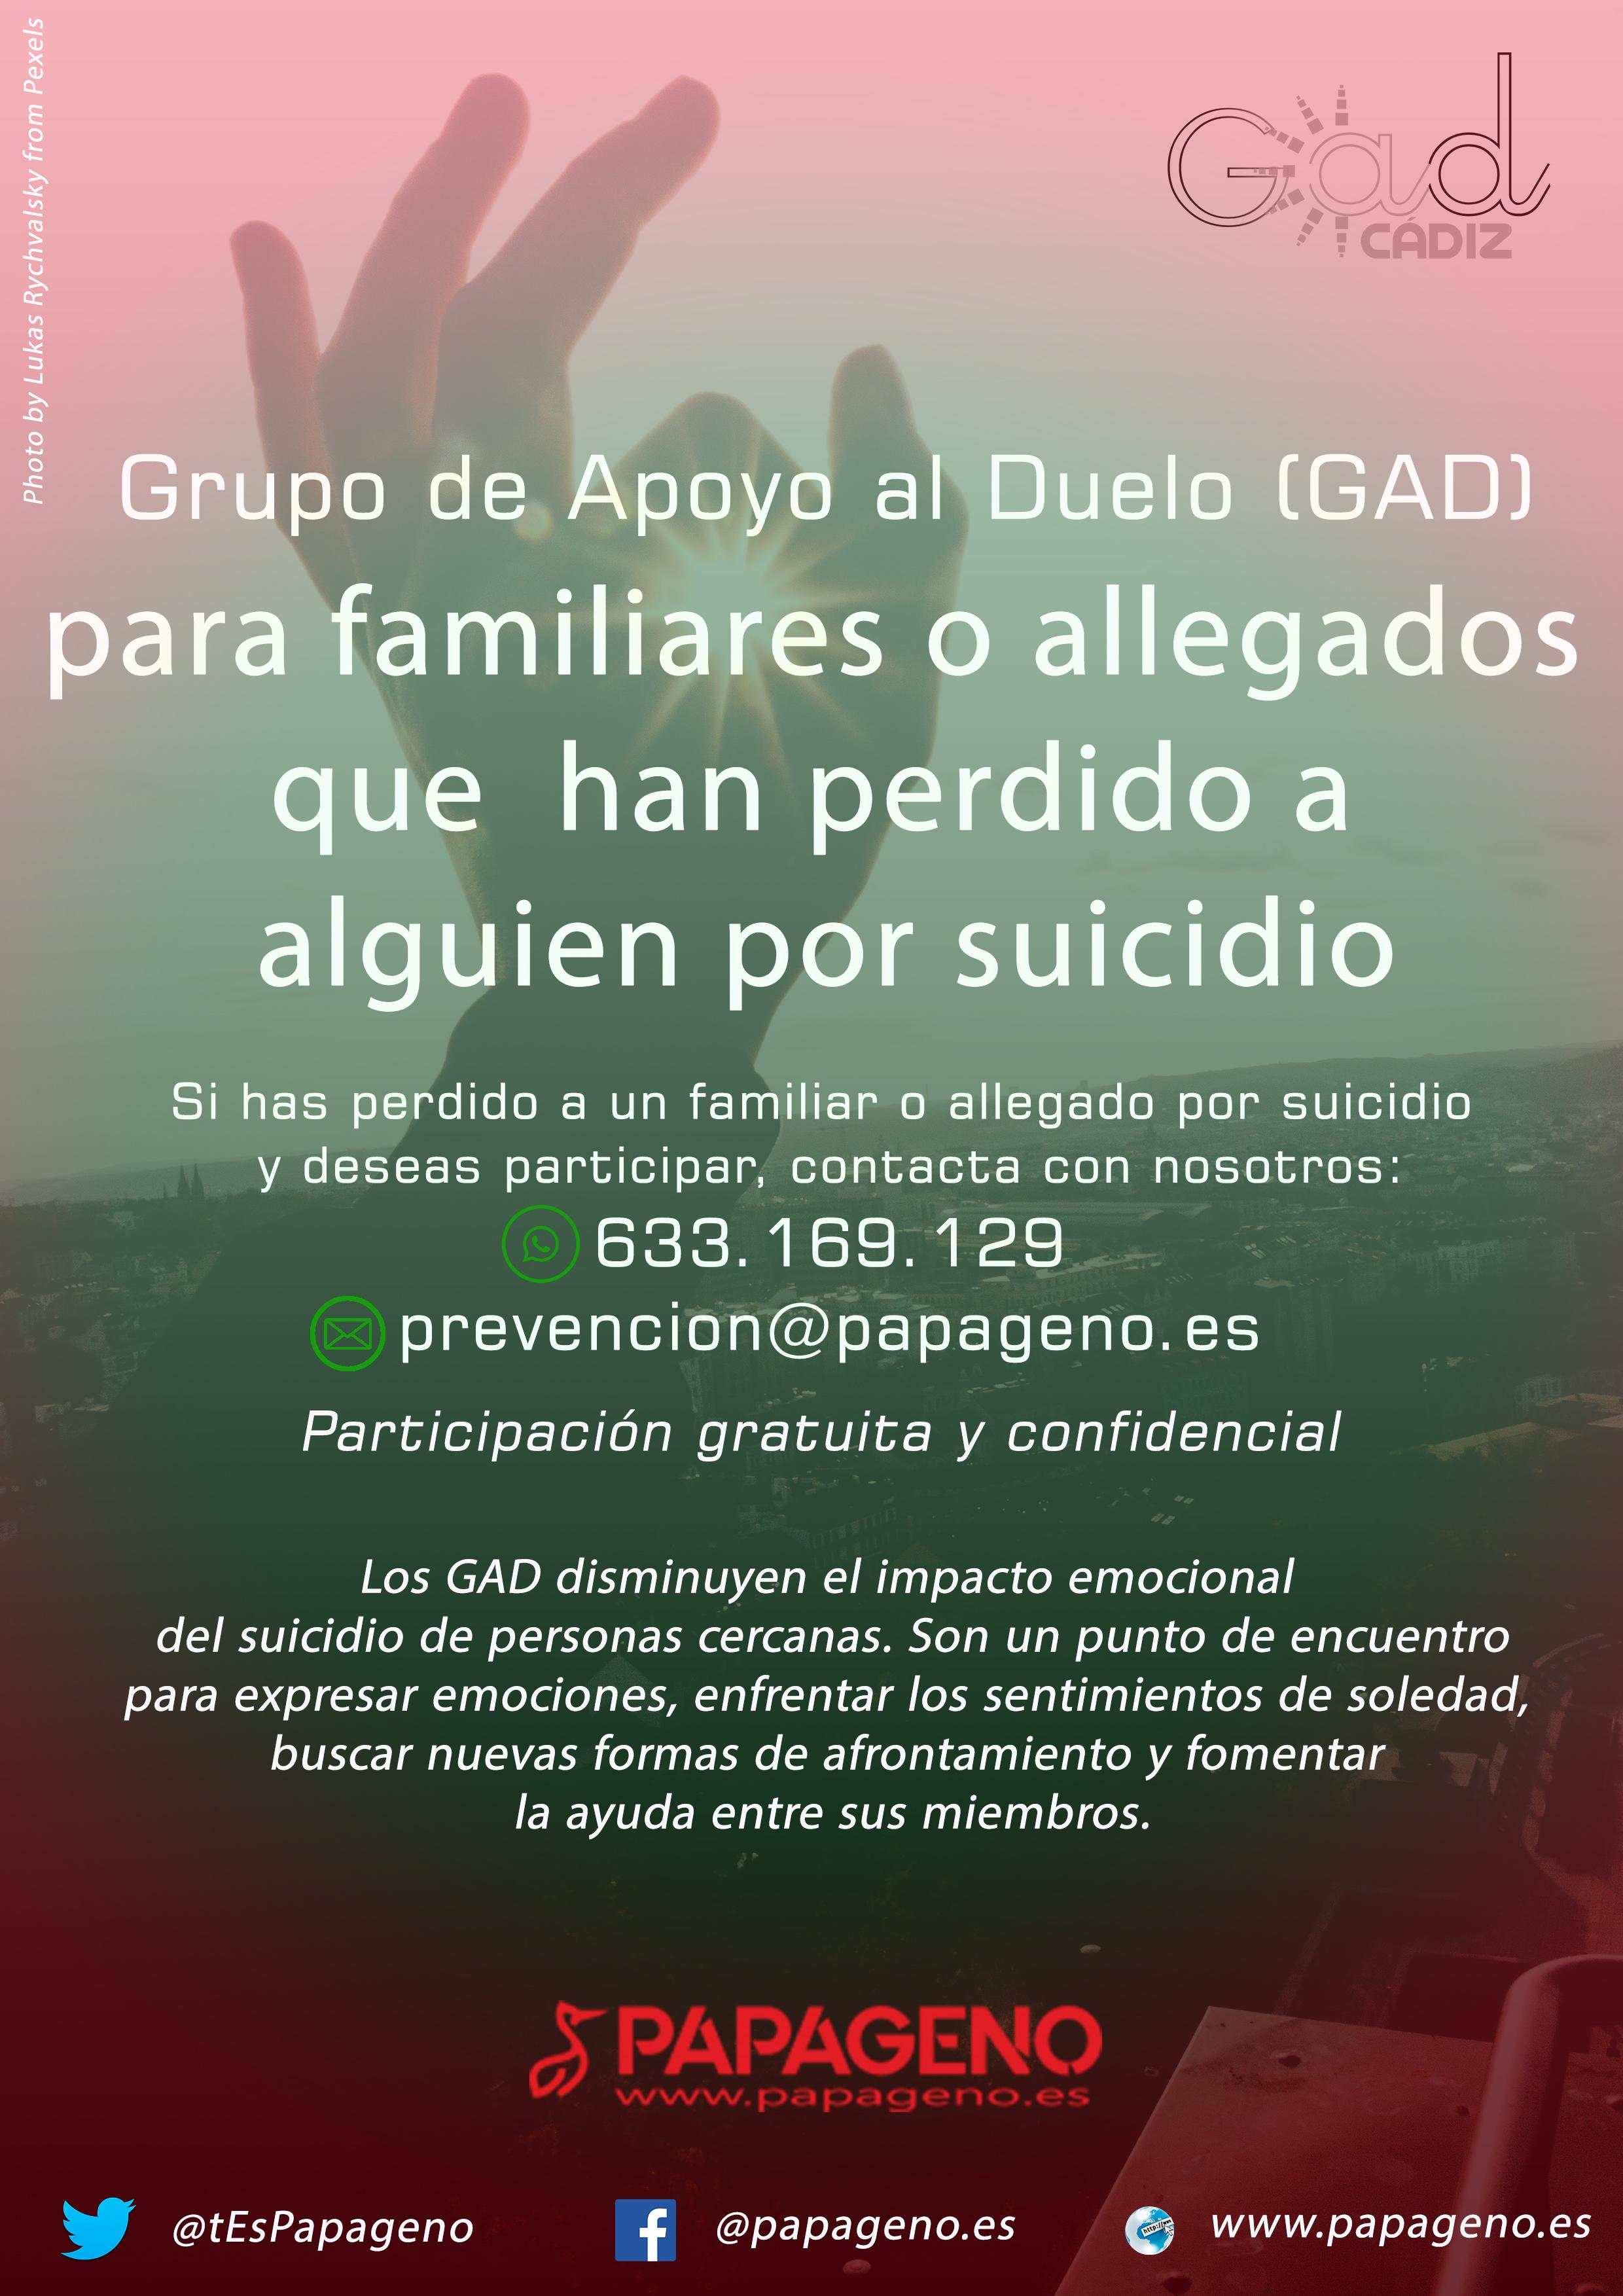 Grupo de ayuda mutua supervivientes de suicidio